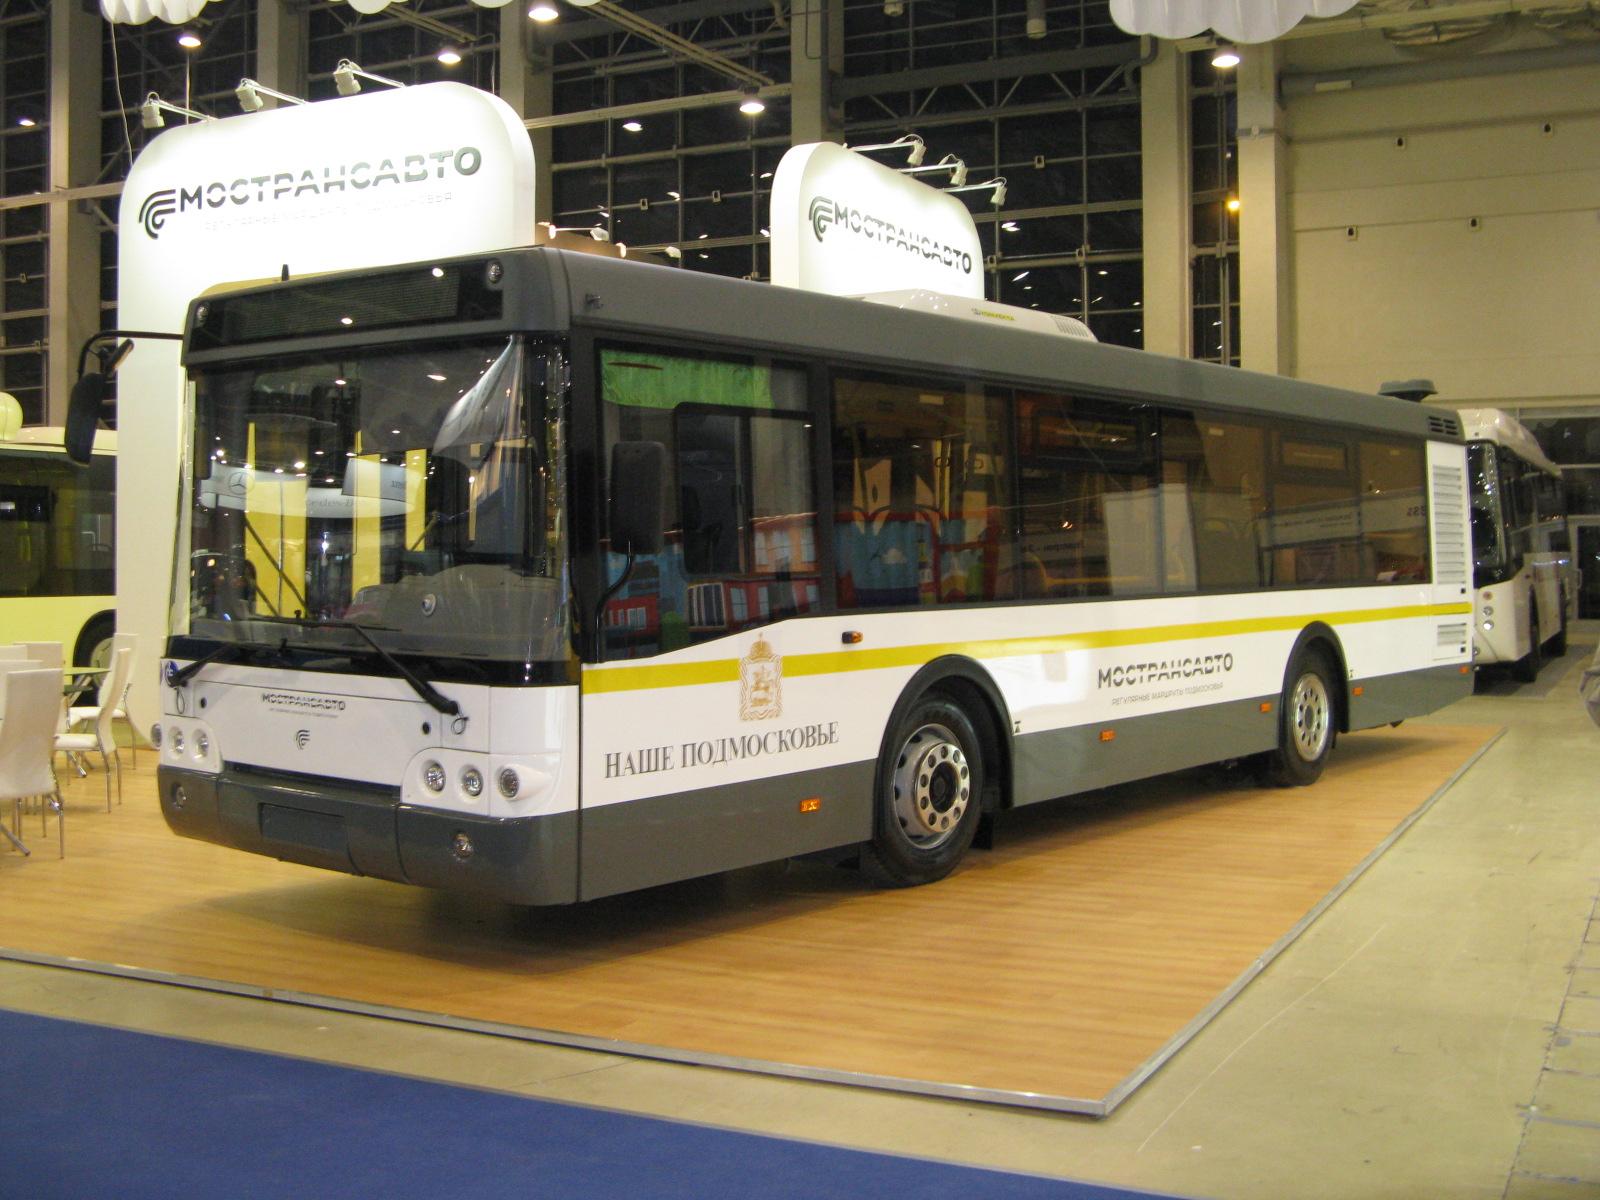 Автобус для Подмосковья с эмблемой Мострансавто